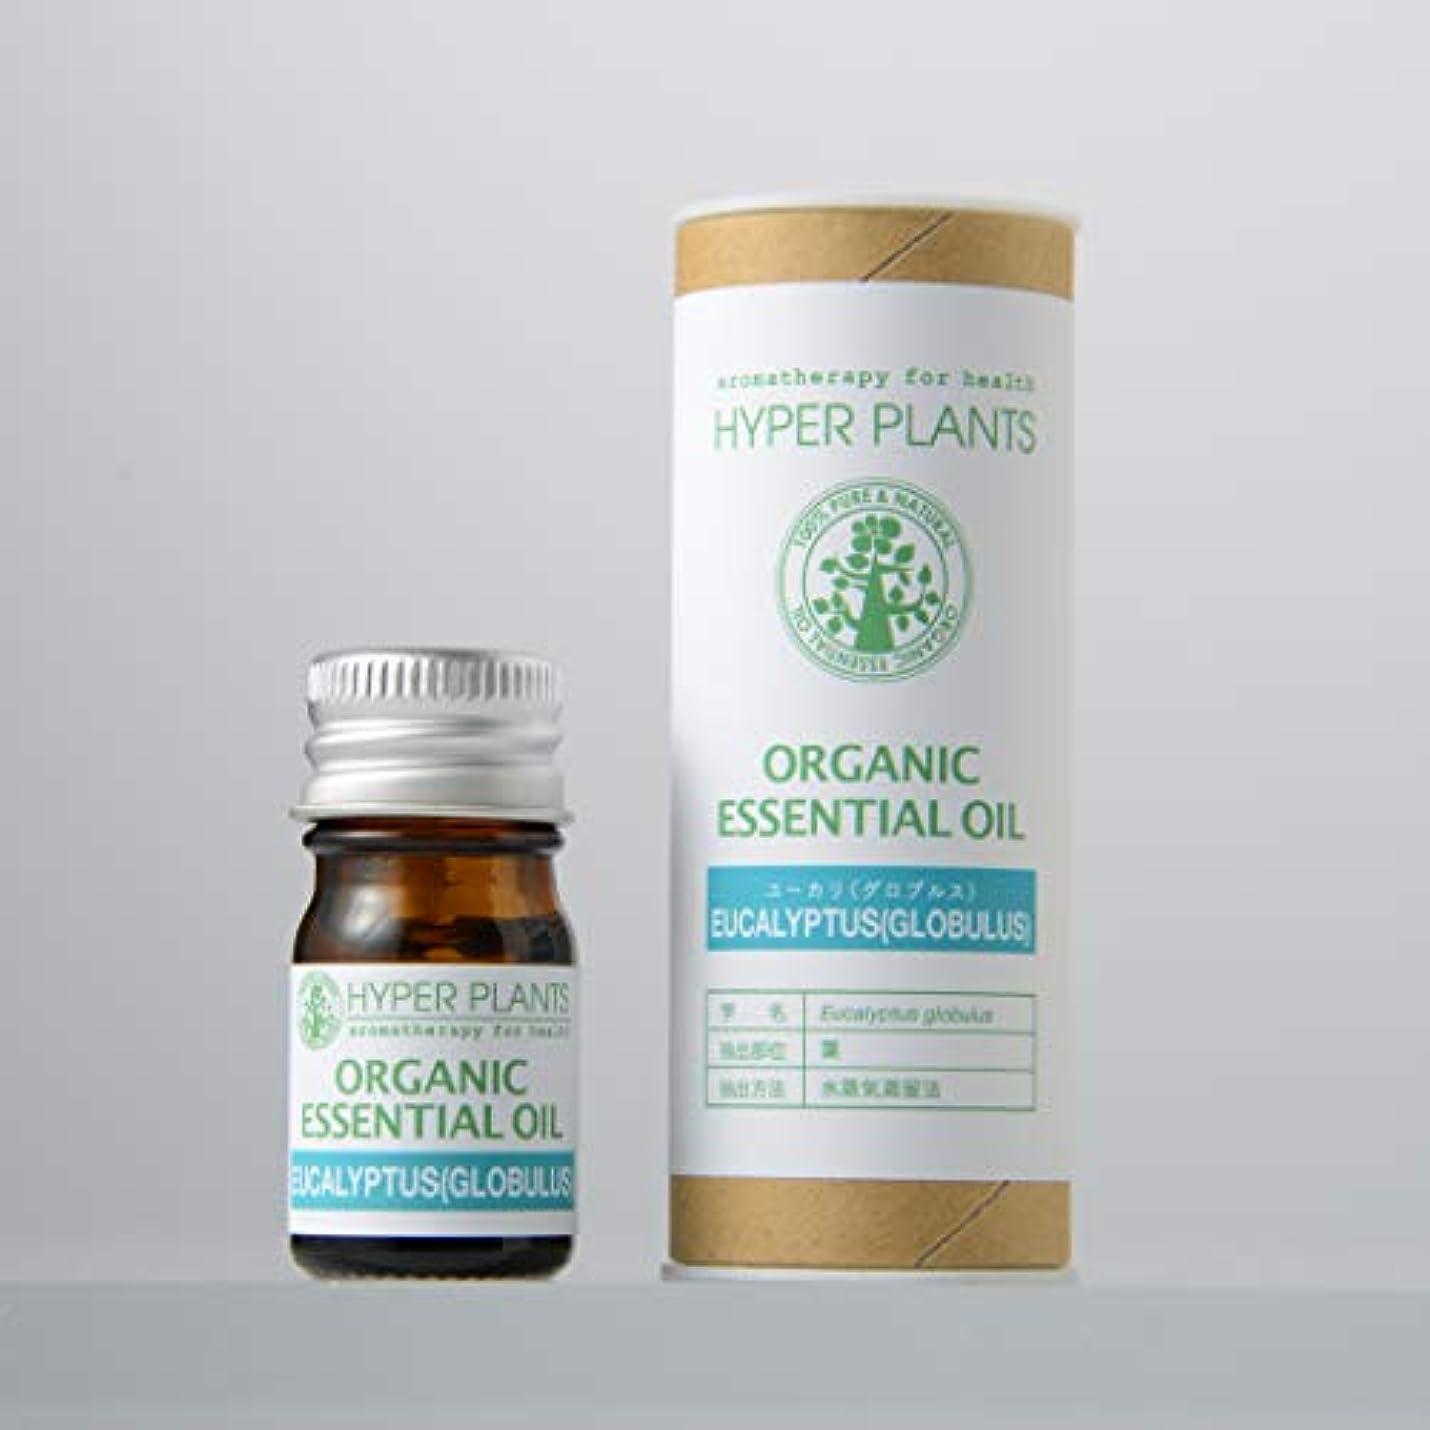 薬を飲む増強するそよ風ハイパープランツ オーガニックエッセンシャルオイル ユーカリ(グロブルス) 5ml